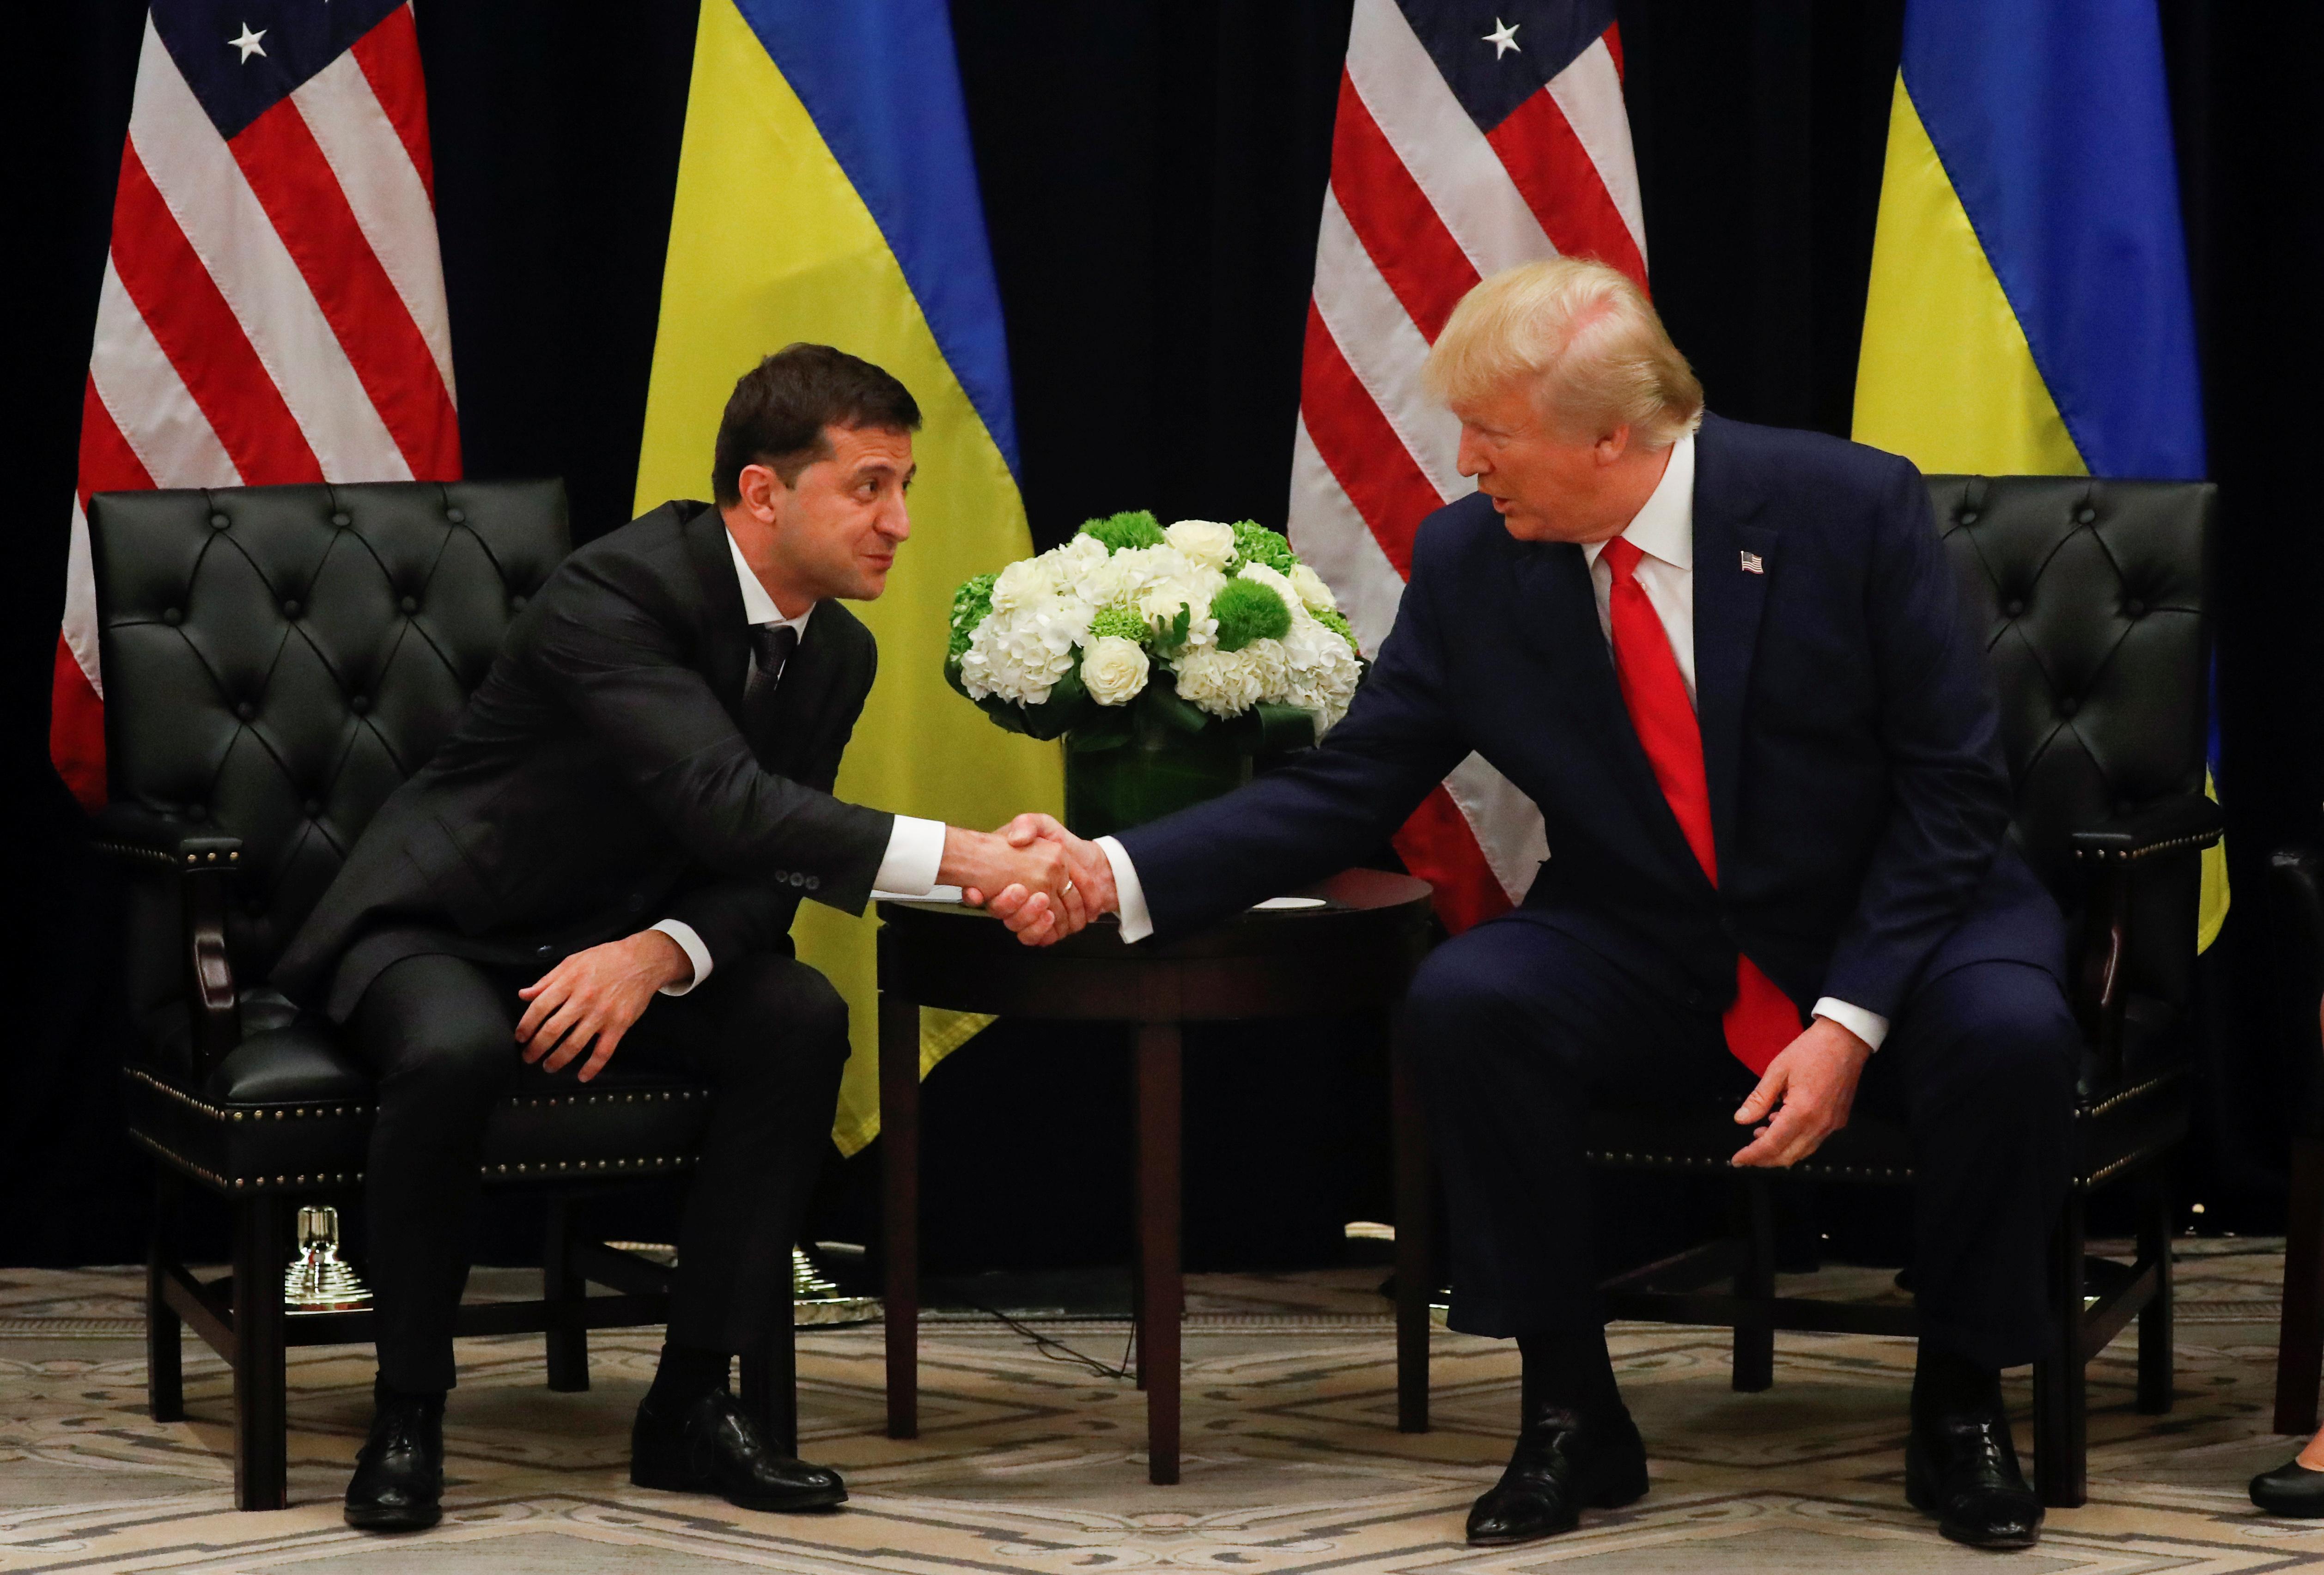 l-entretien-trump-zelenski-un-camouflet-diplomatique-pour-kiev